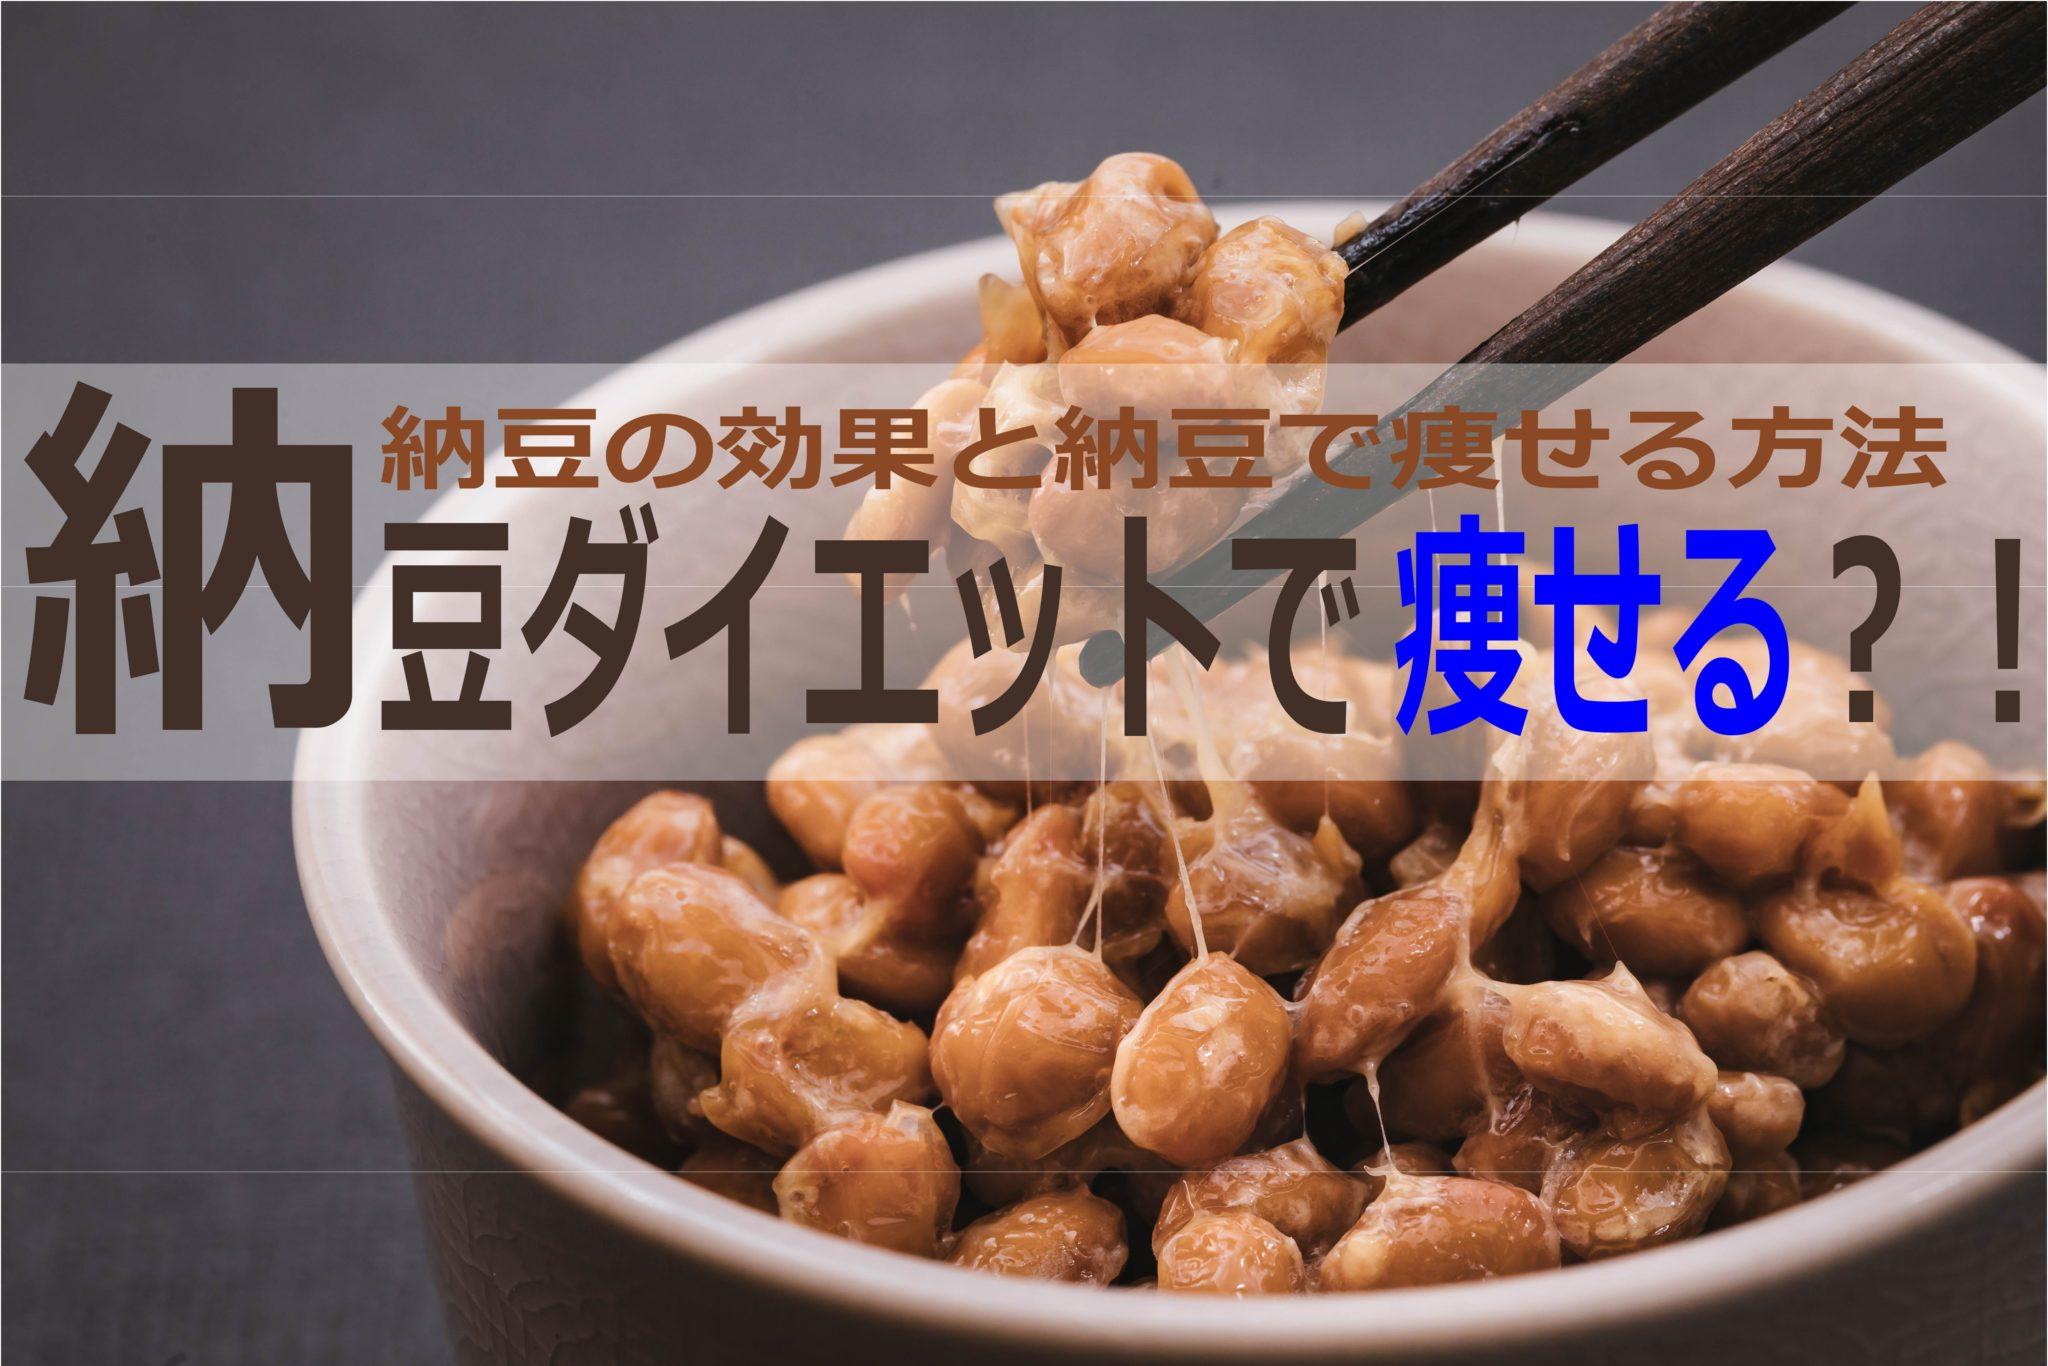 納豆ダイエットで痩せる?!納豆の効果と納豆で痩せる方法まとめ